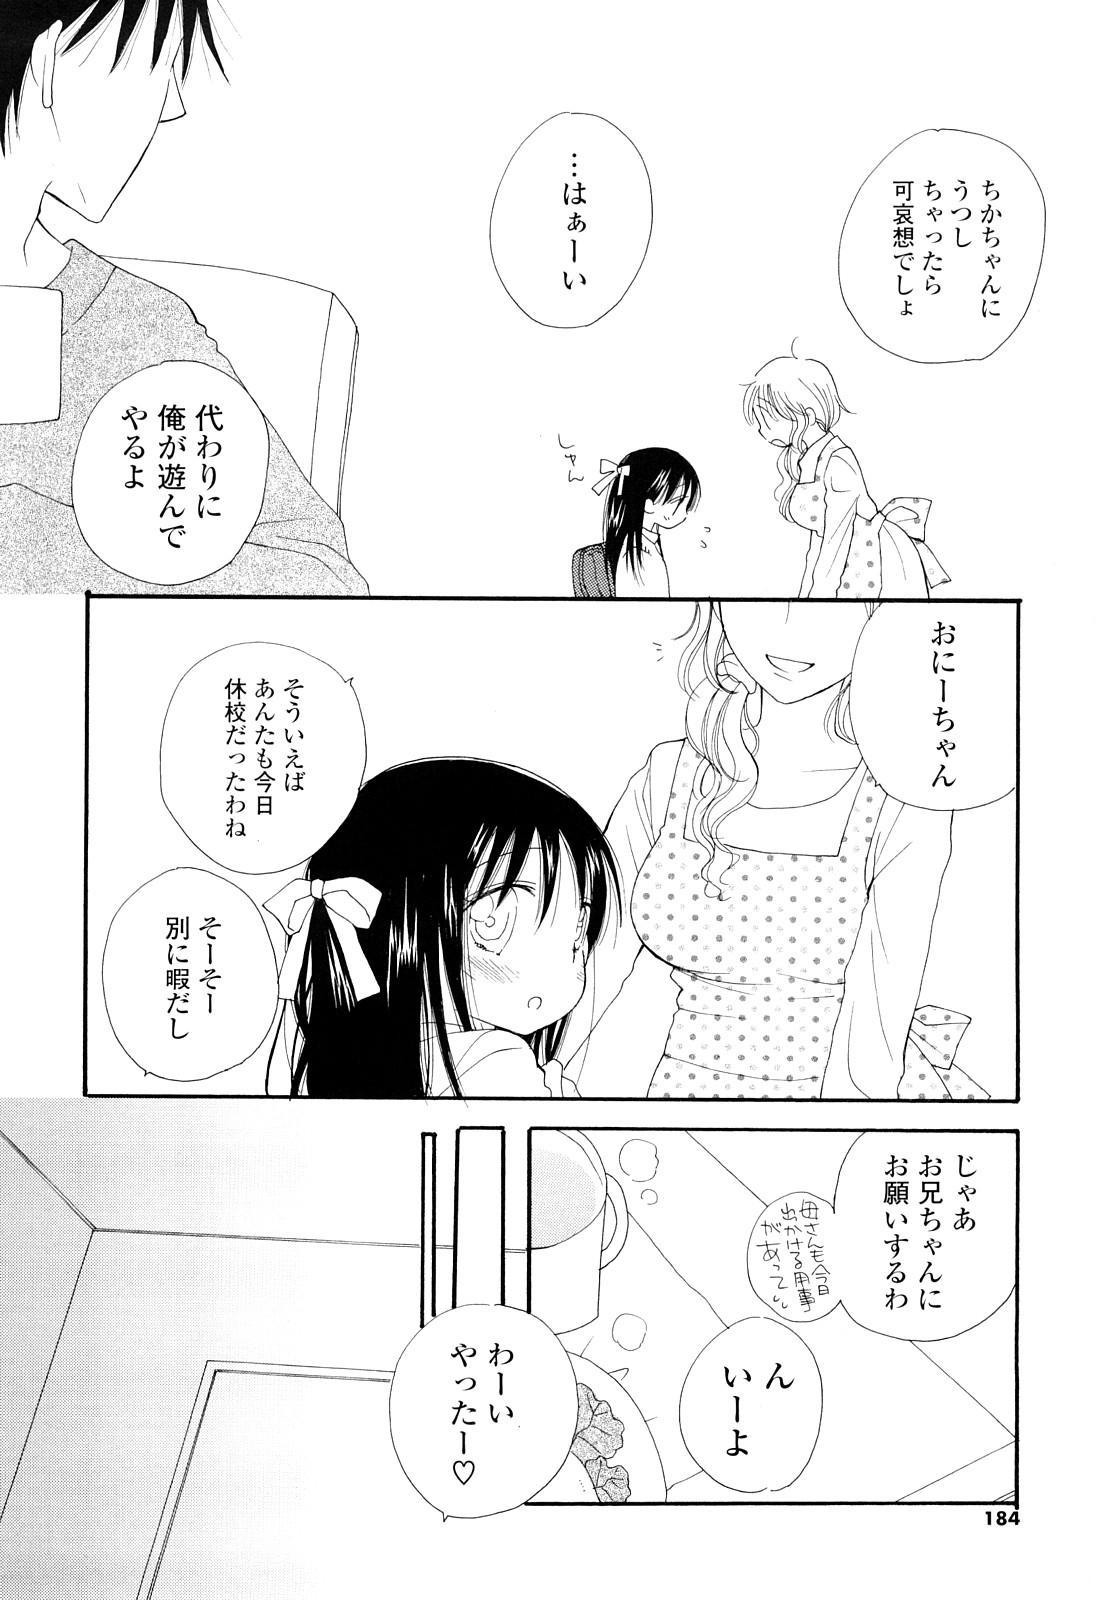 Houkago Nyan Nyan 182